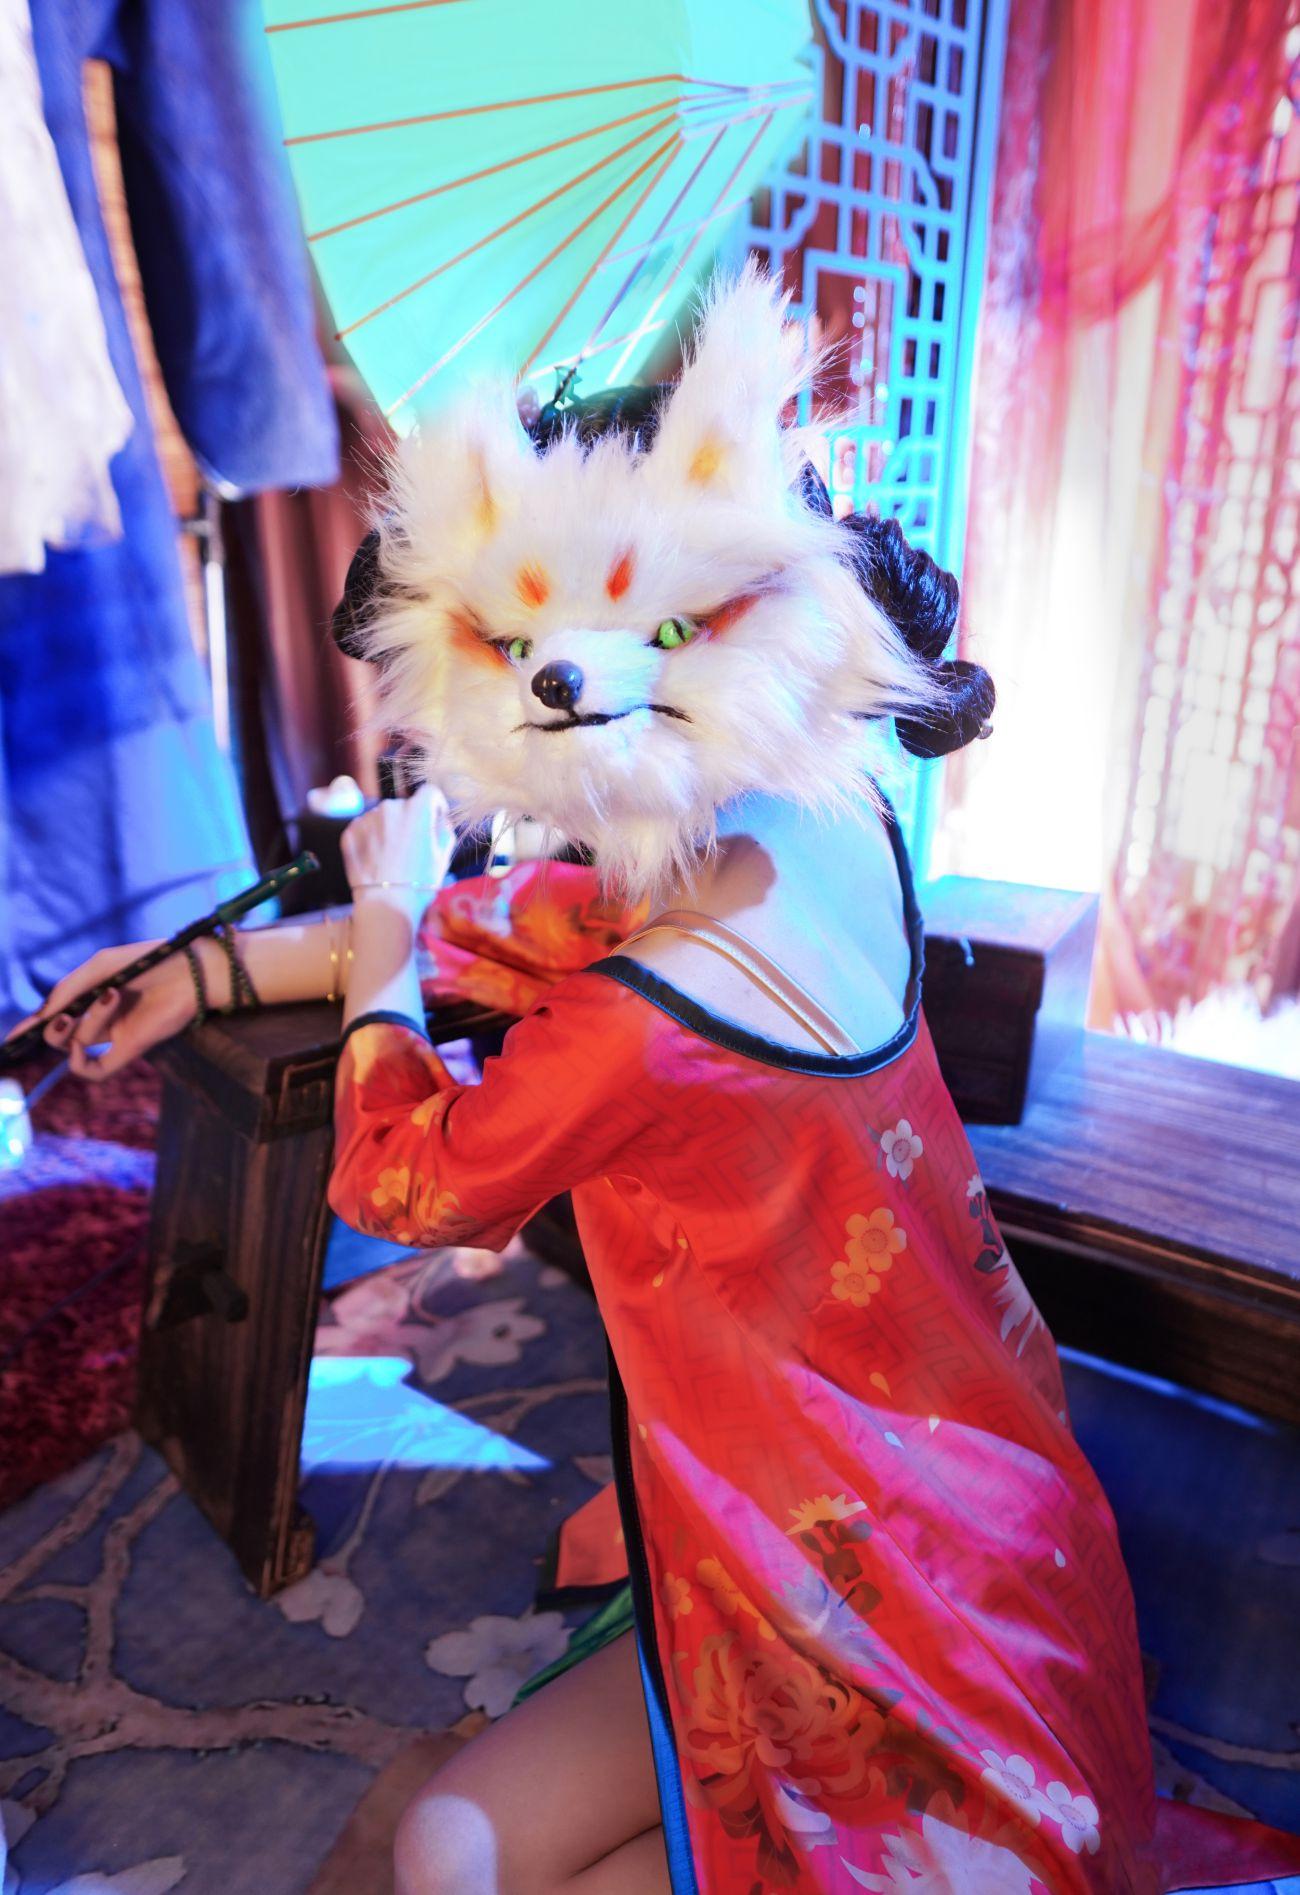 阿包也是兔娘 白蛇起源宝青坊主 -第4张